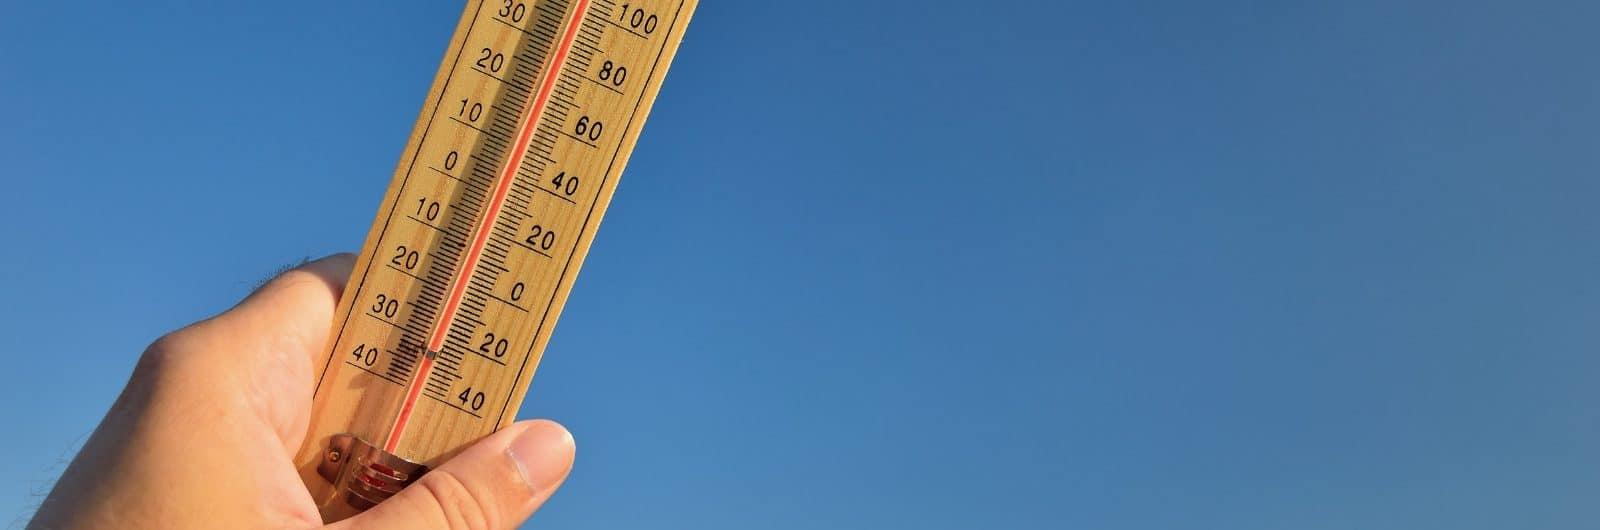 Sommerhitze: Thermometer und blauer Himmel